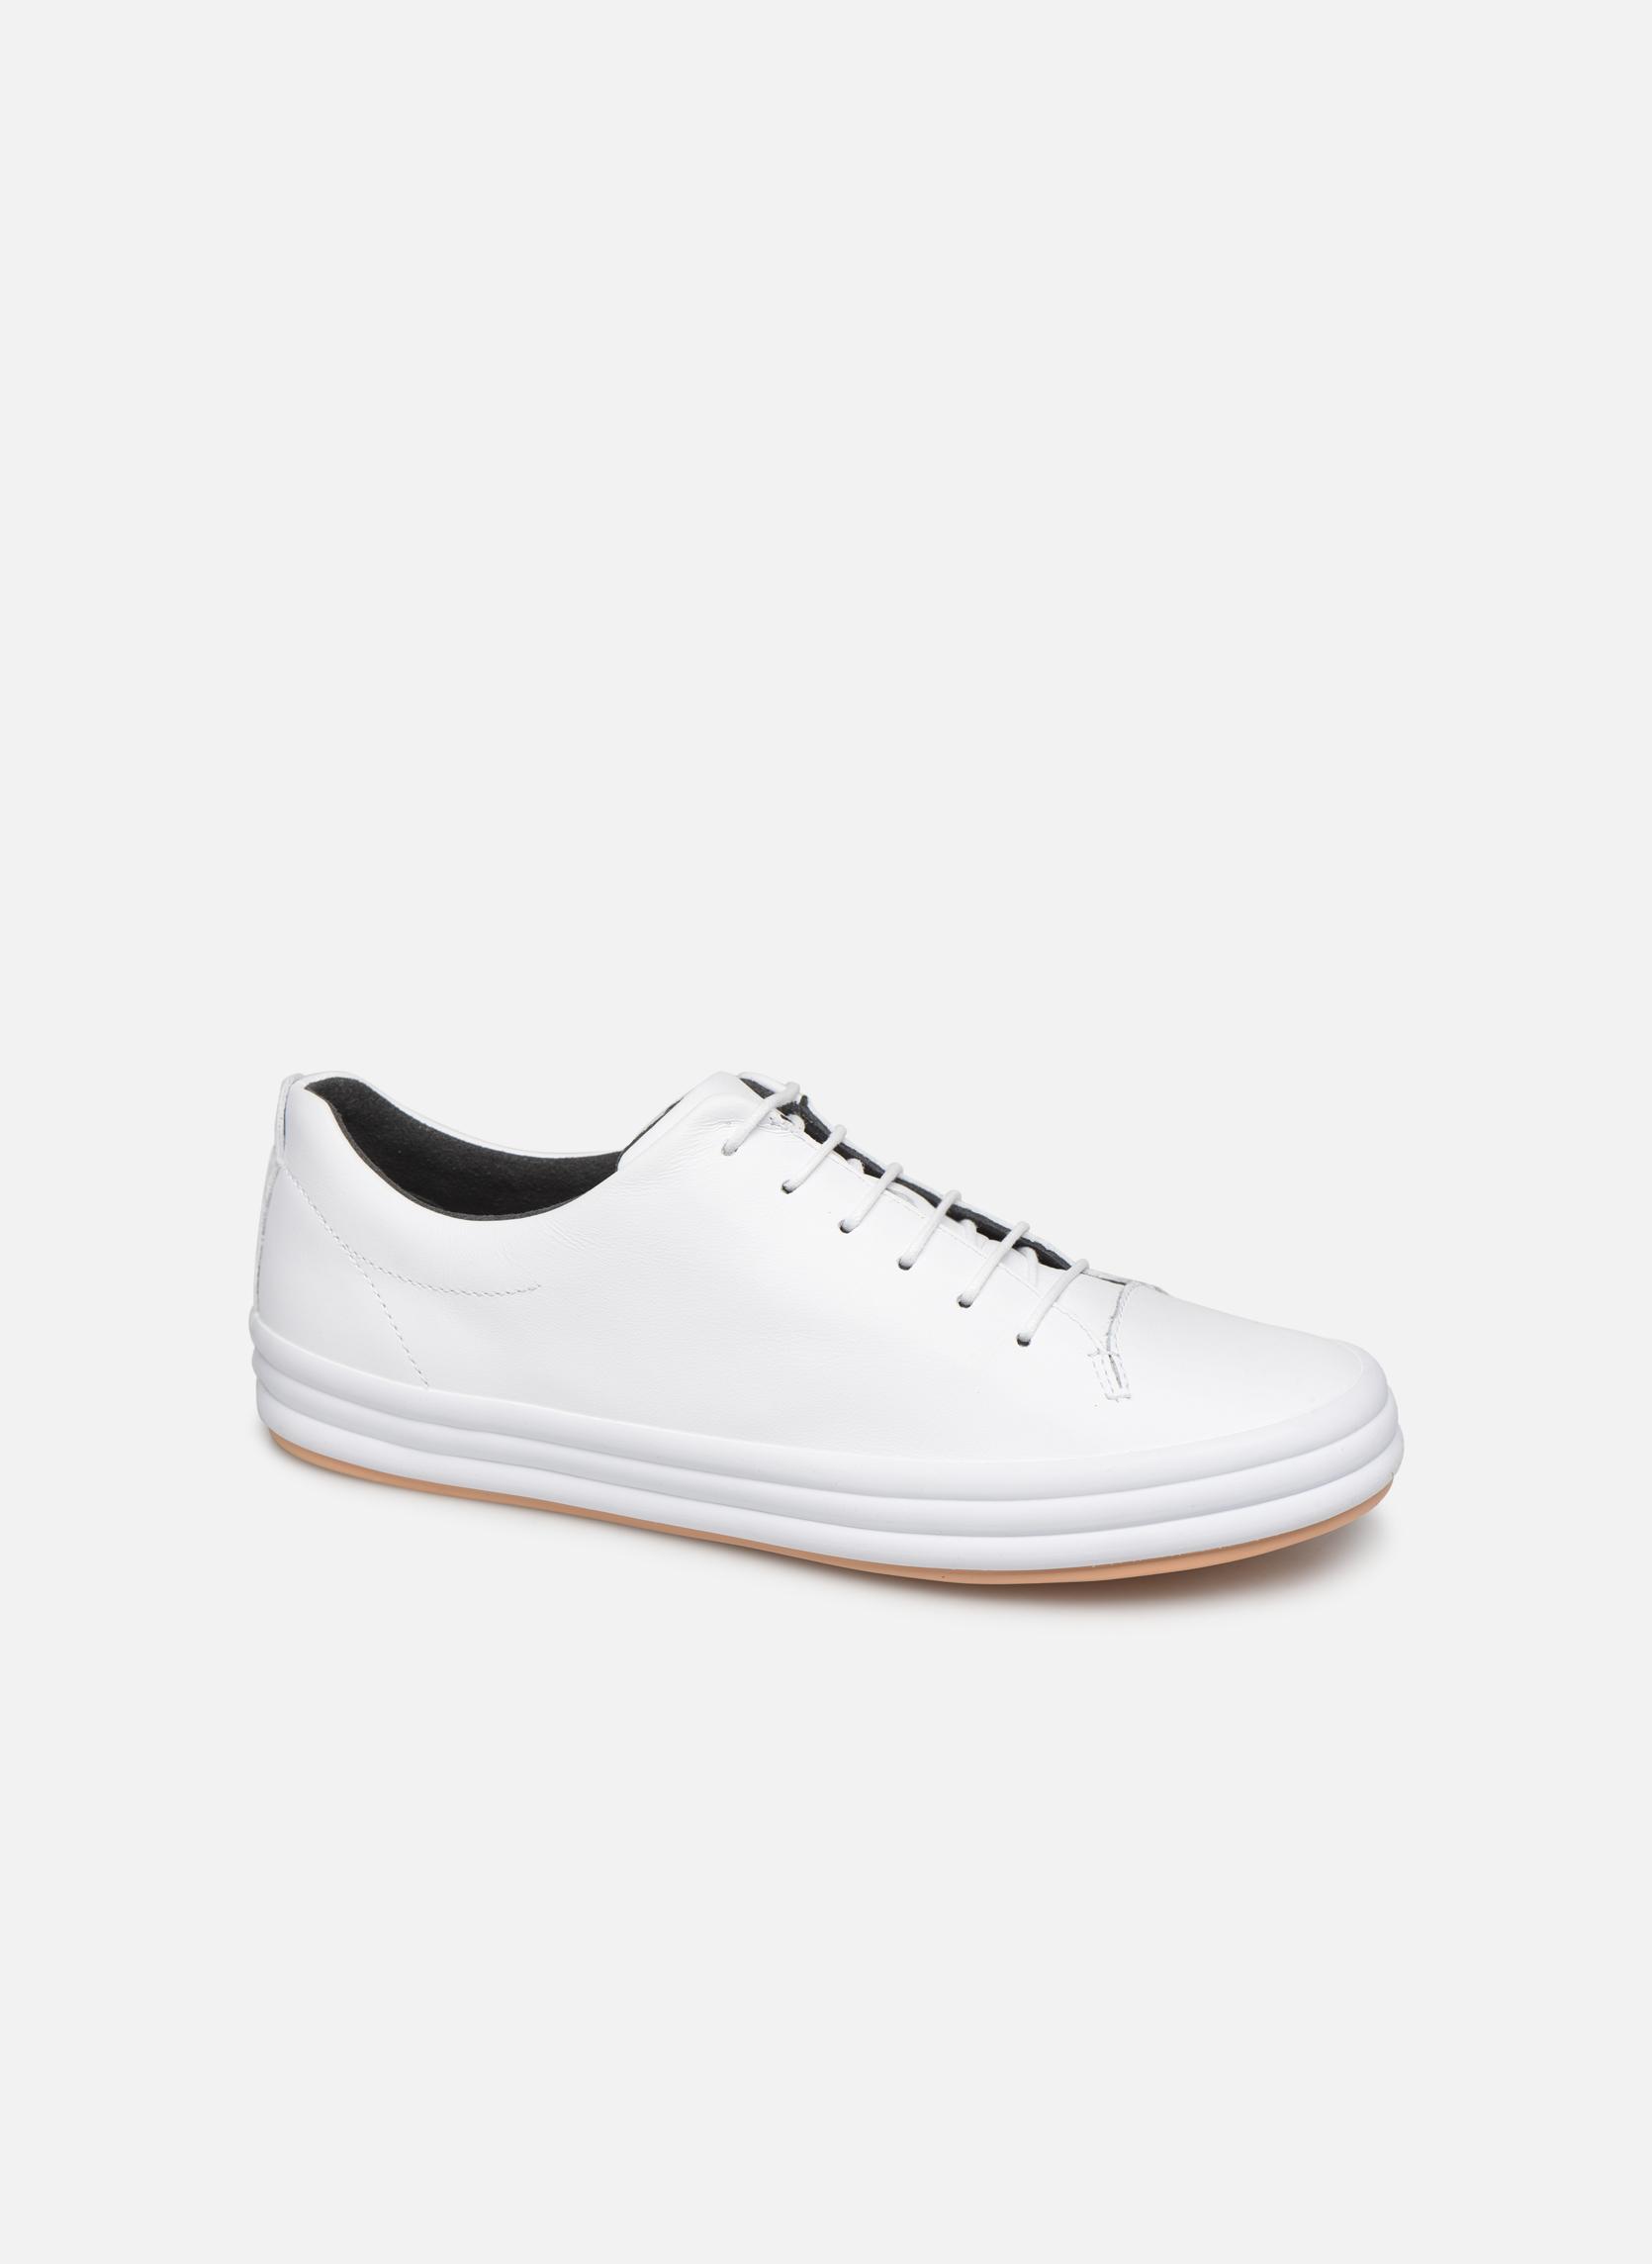 Camper Hoops K200298-004 Sneakers Mujer 40 0jk5cE1Ei